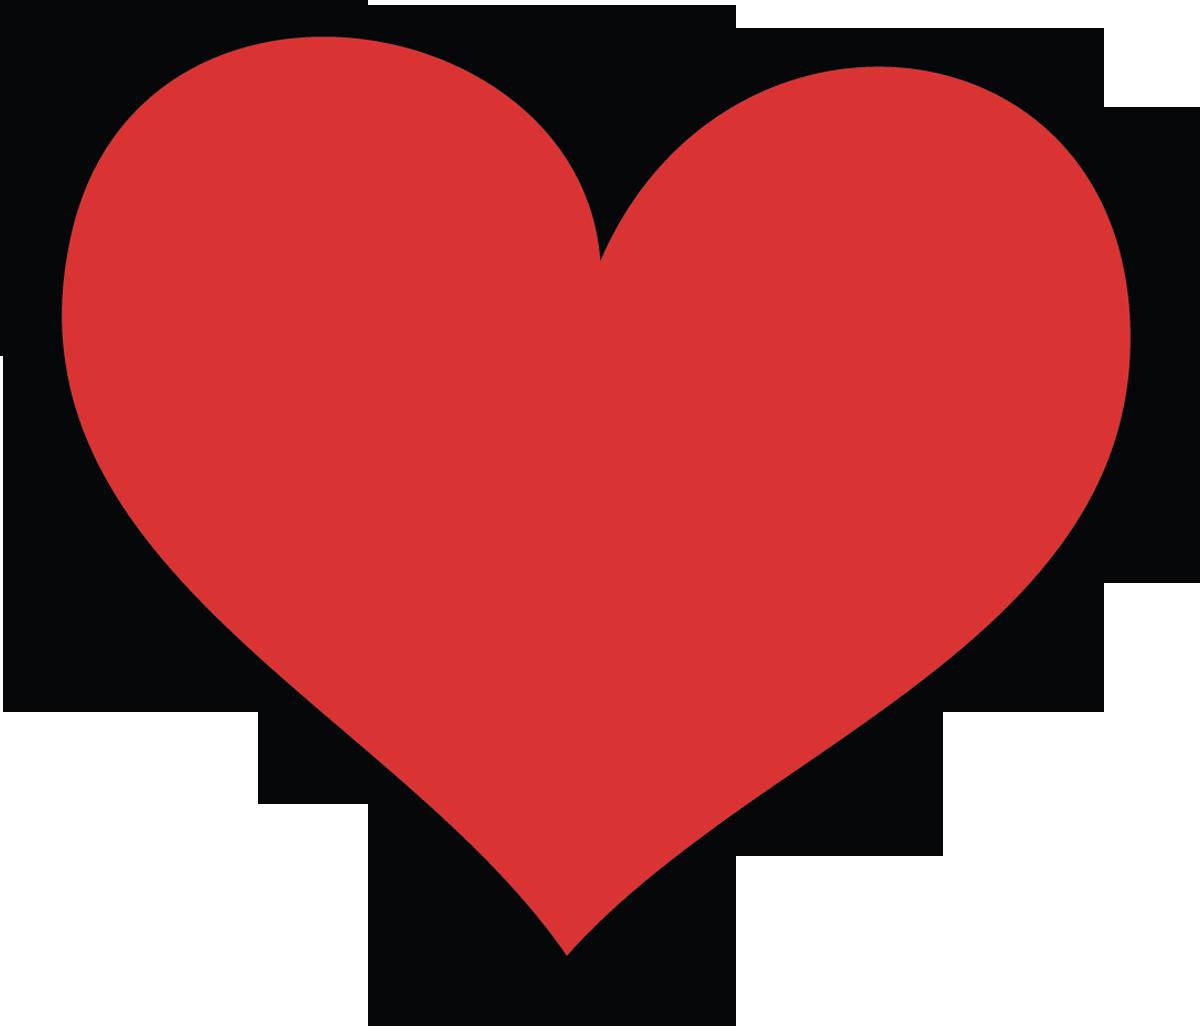 free clipart love hearts - photo #26